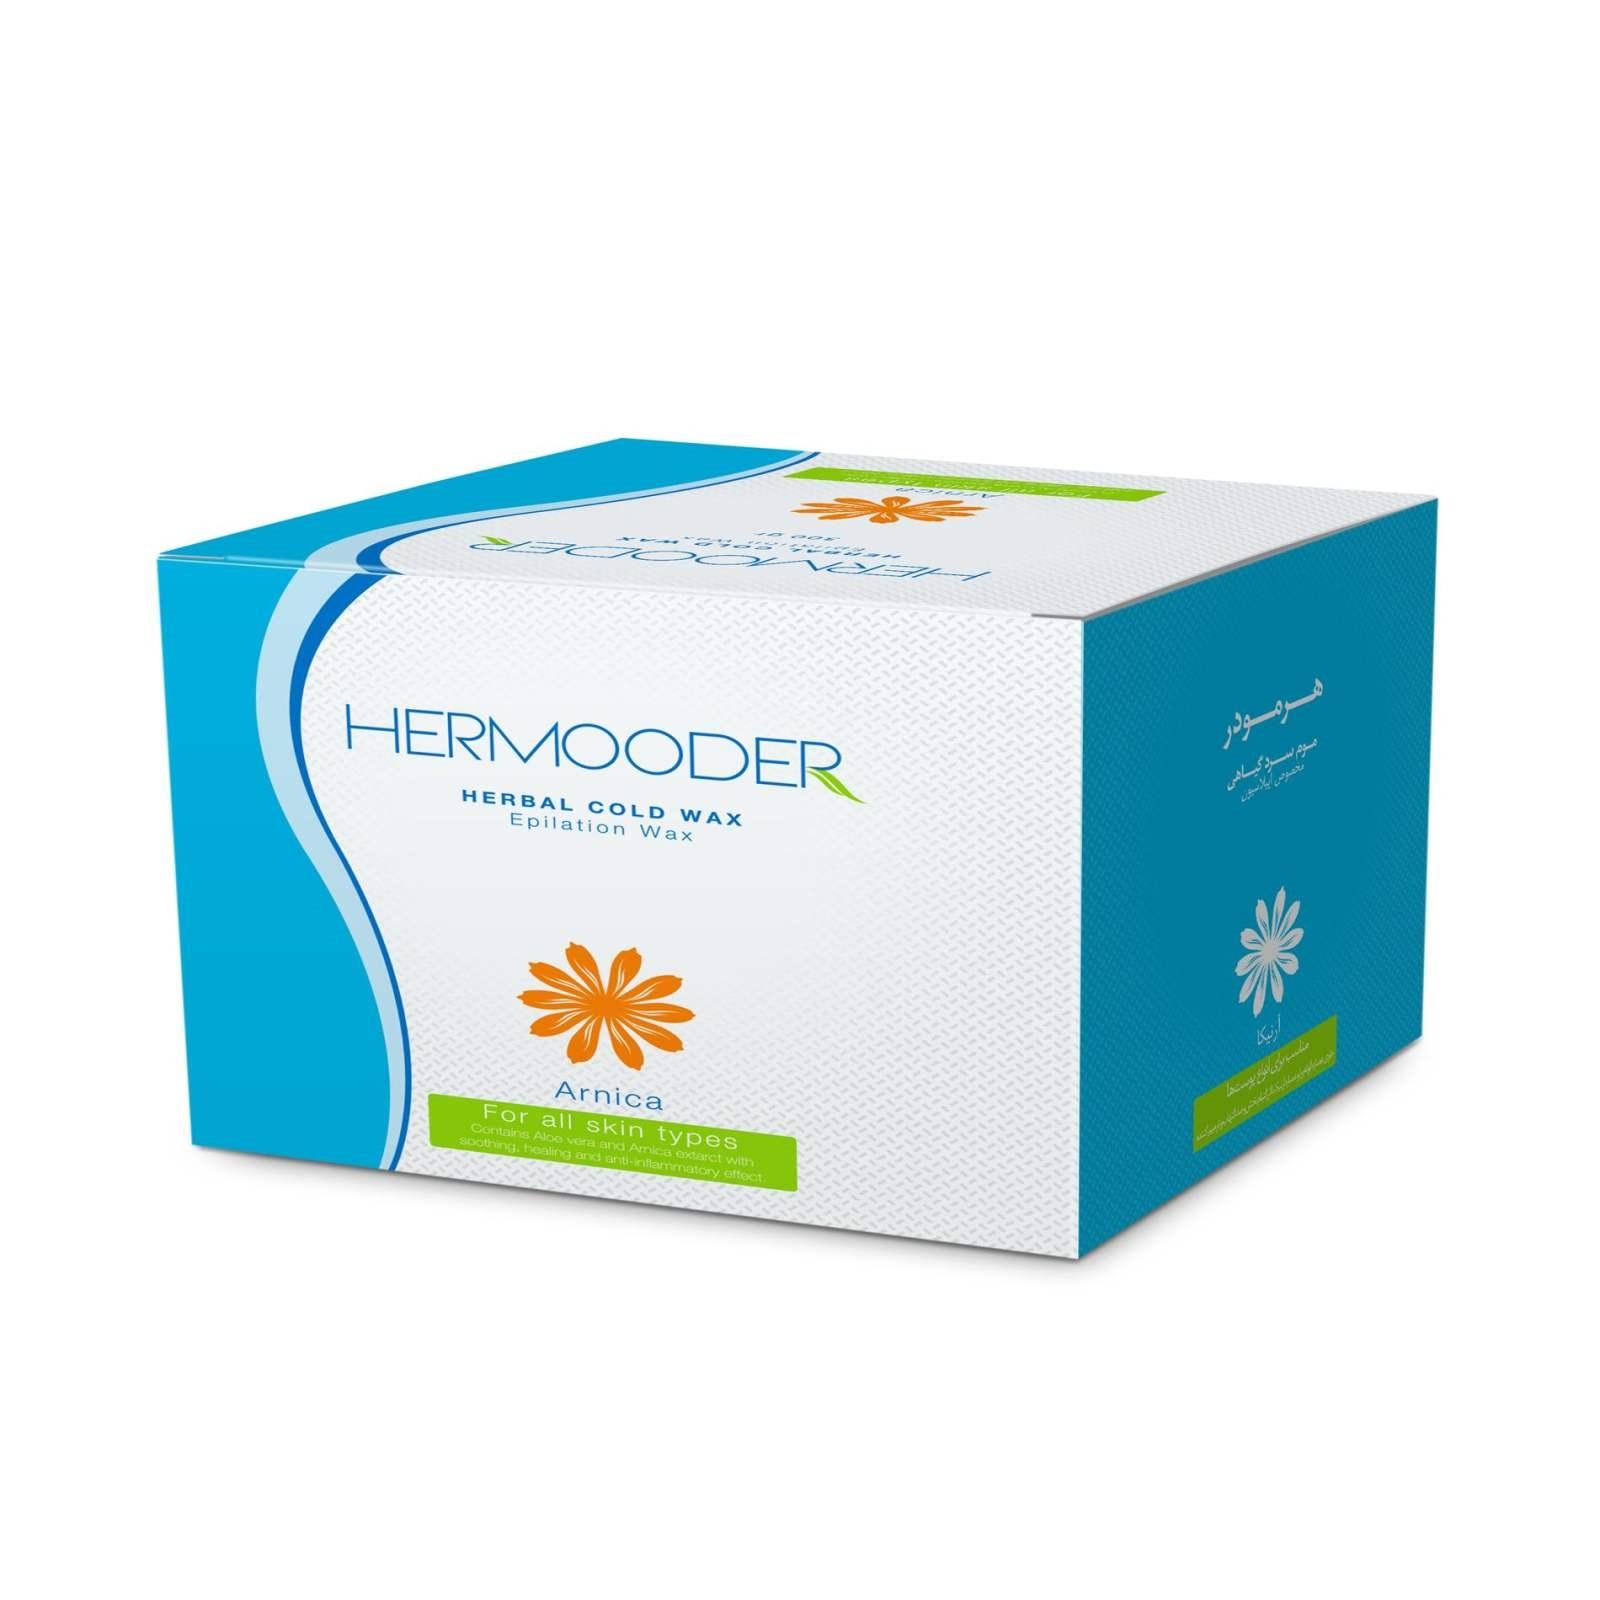 موم سرد گیاهی(موبر)آرنیکا 330گرم هرمودر مناسب انواع پوست - موم سرد گیاهی(موبر)آرنیکا 330گرم هرمودر مناسب انواع پوست